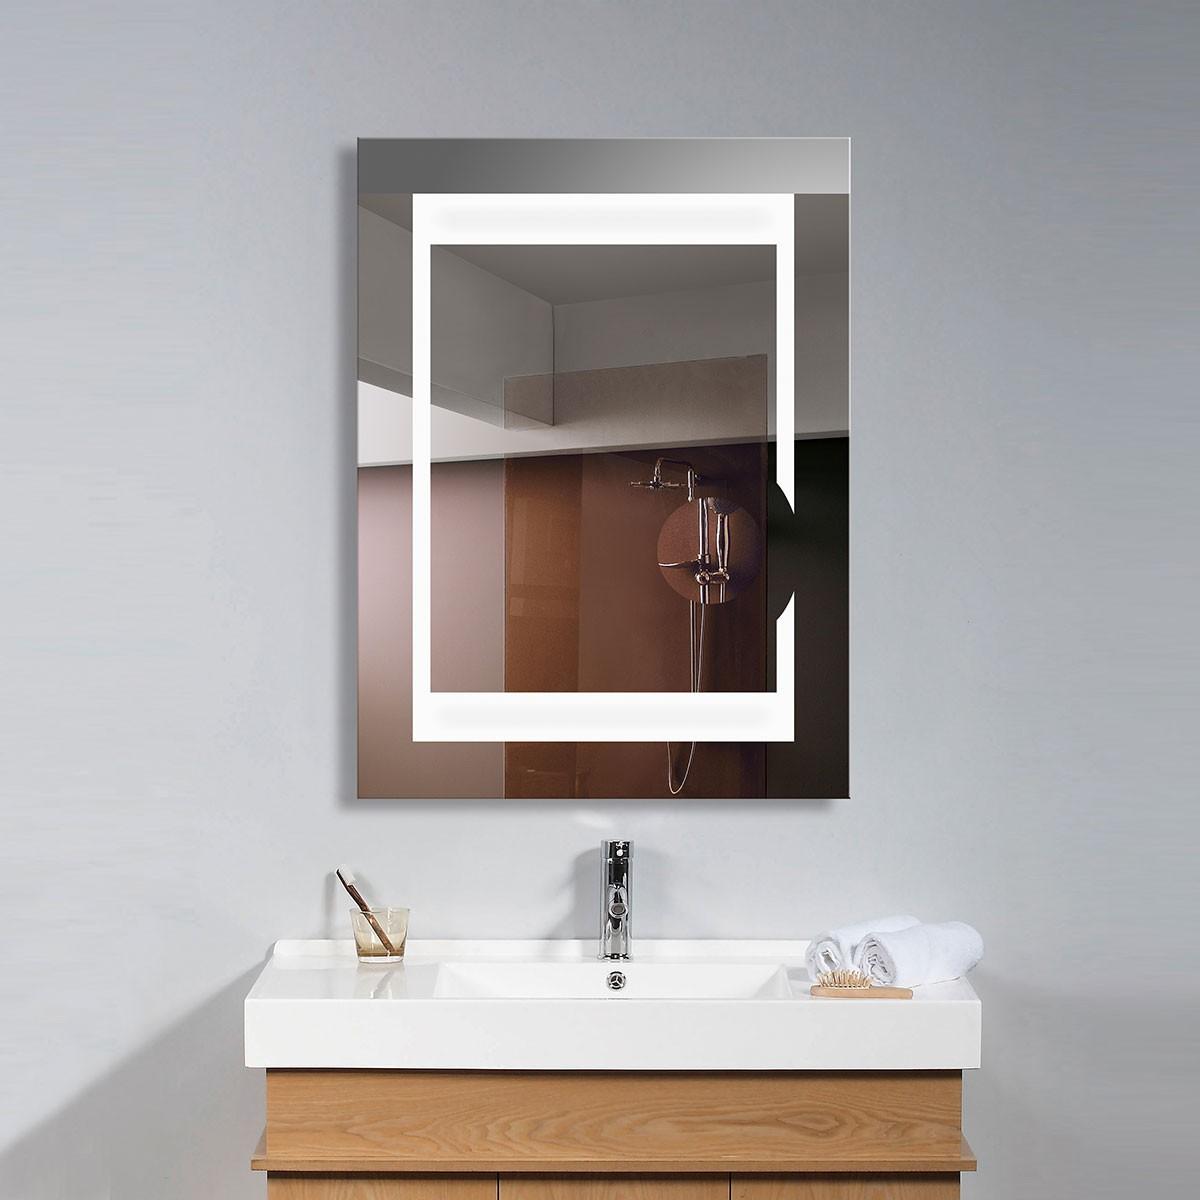 24 x 32 po miroir de salle de bain LED vertical avec loupe circulaire et interrupteur ON / OFF (DK-OD-C280)